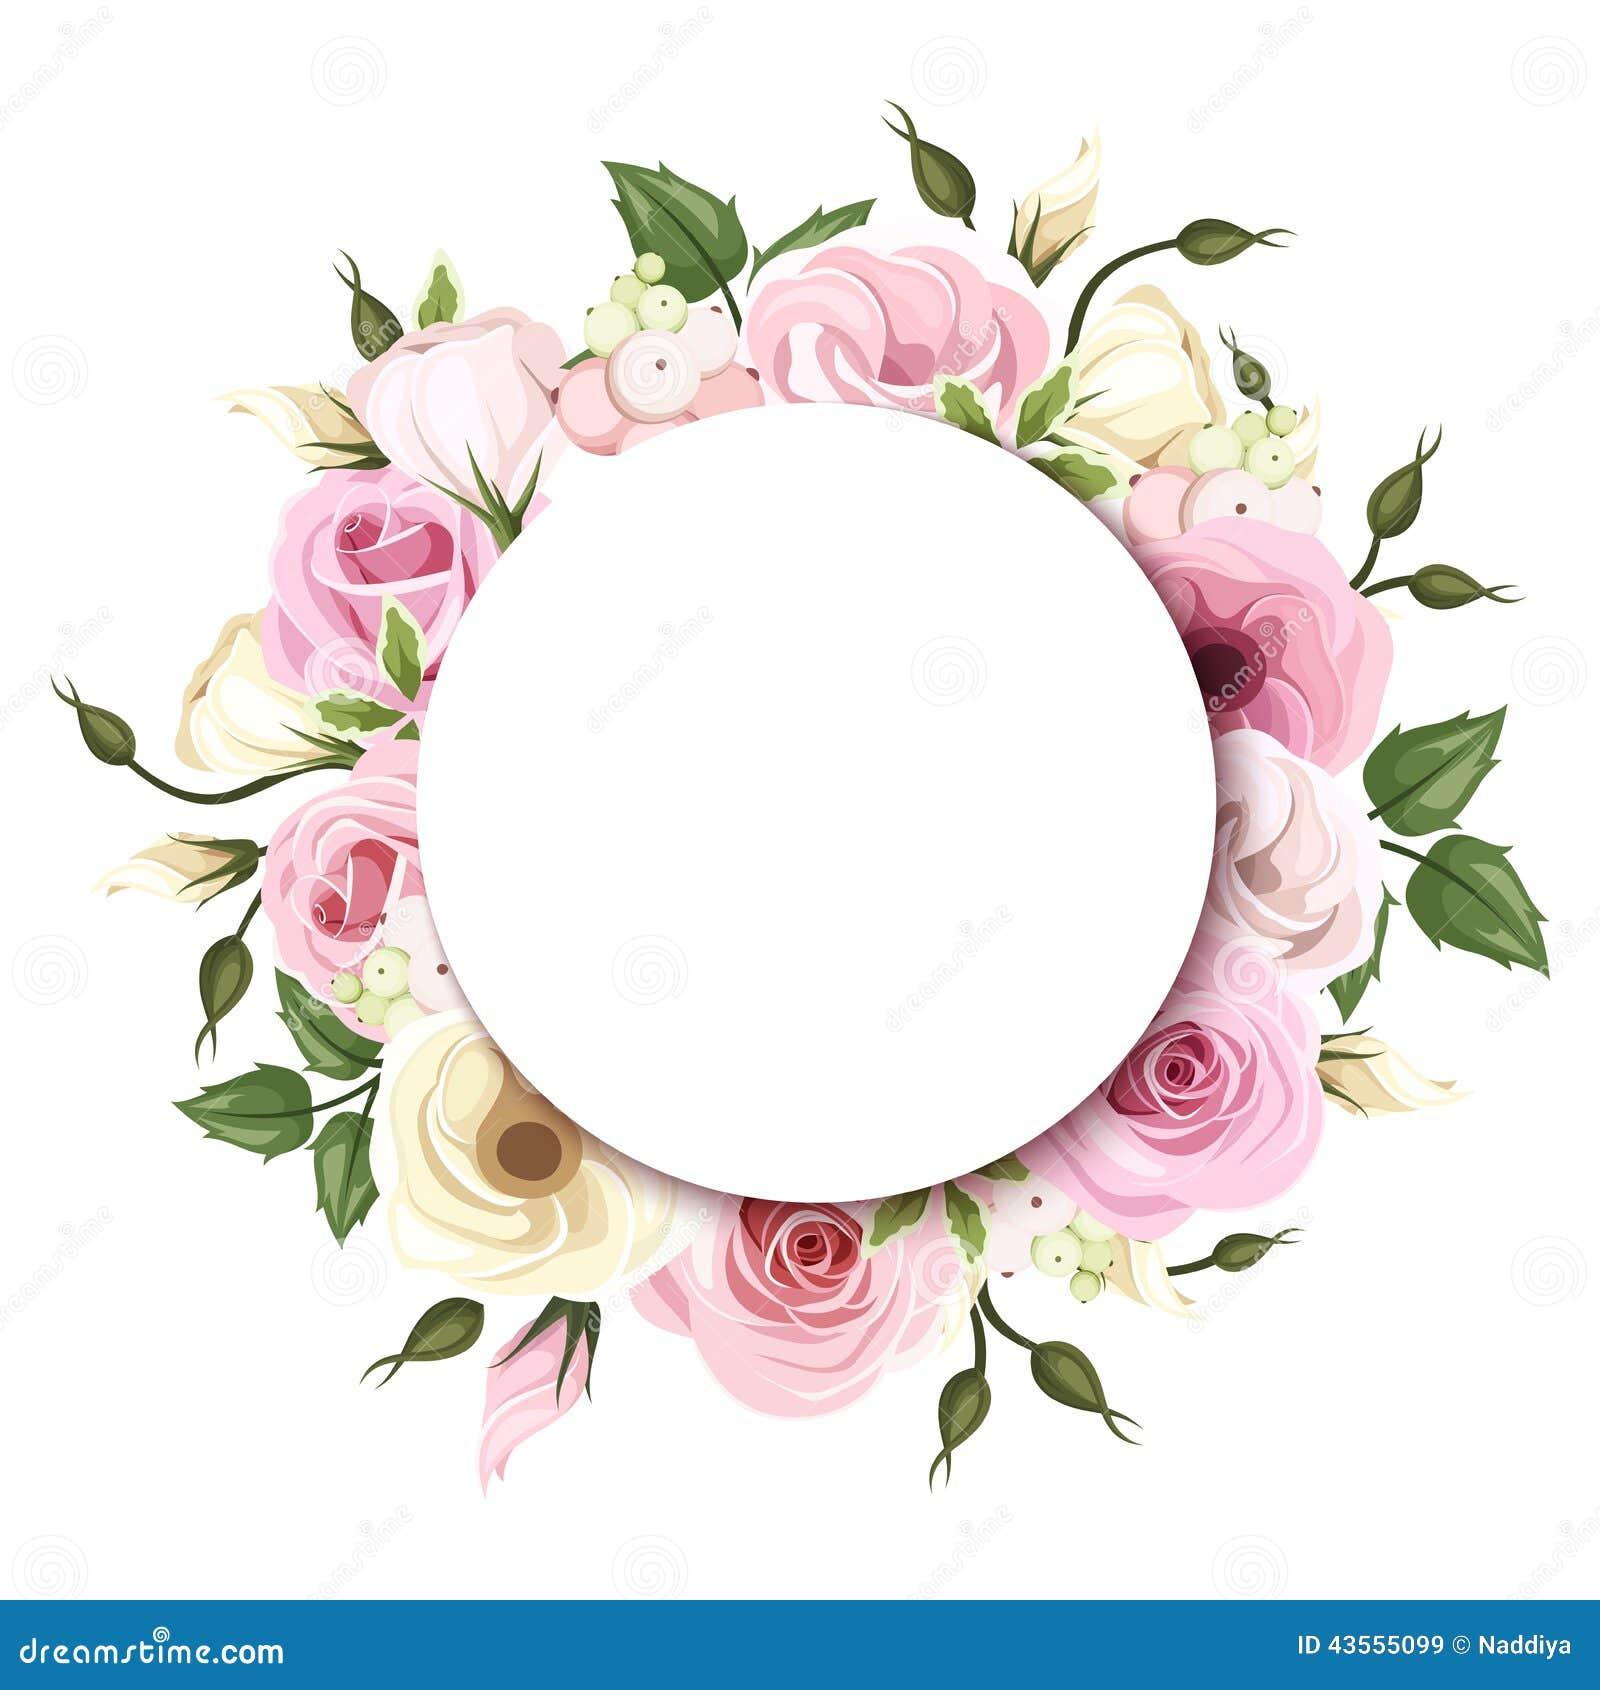 Hintergrund mit den rosa und weißen Rosen und lisianthus blüht Vektor EPS-10